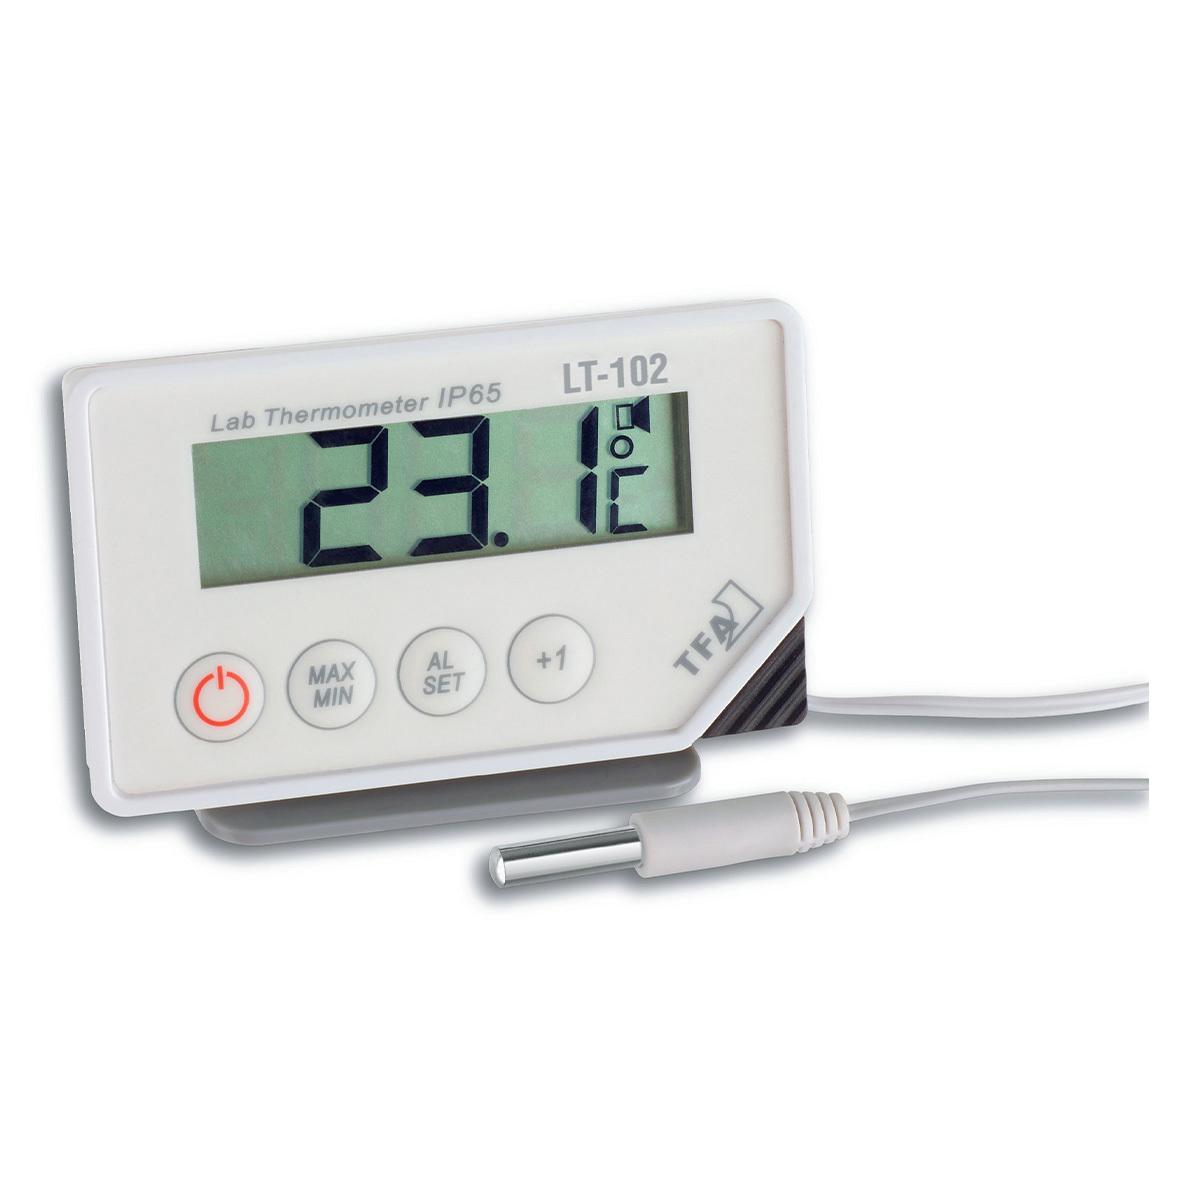 30-1034-profi-digitalthermometer-mit-kabelfühler-lt-102-1200x1200px.jpg